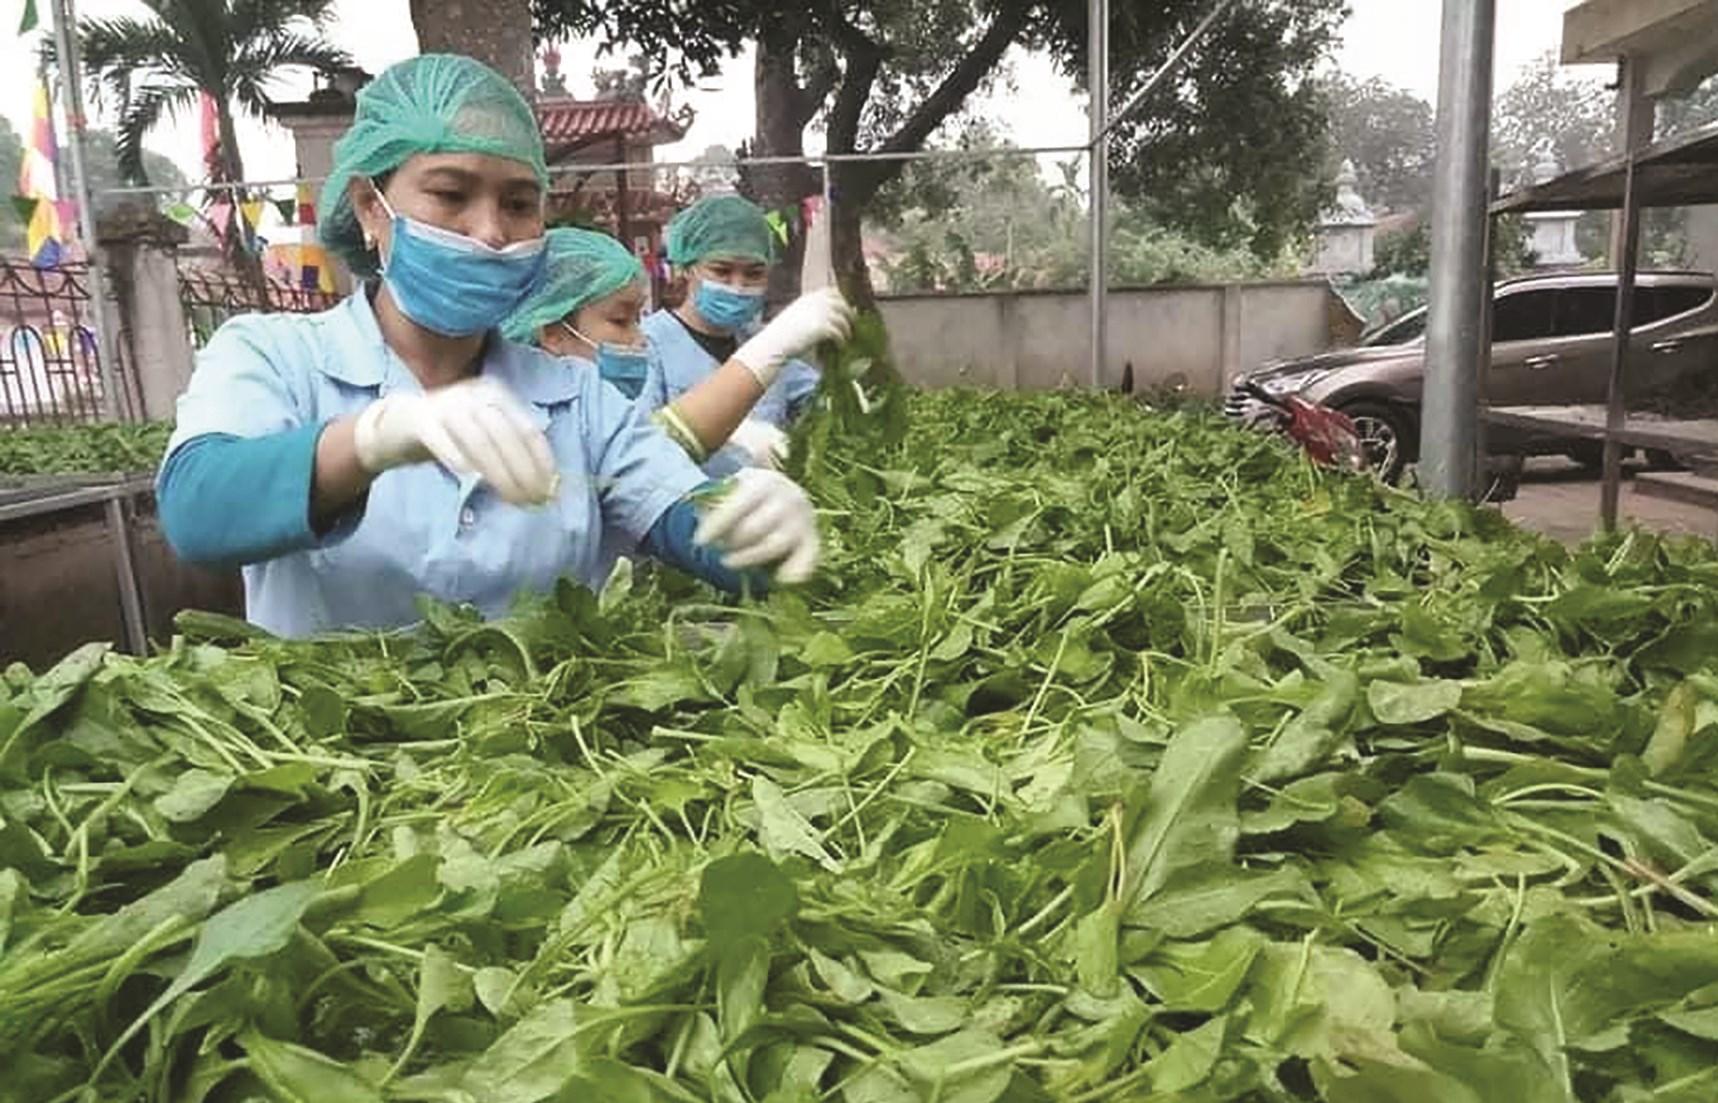 """Sản phẩm rau sạch từ mô hình nông nghiệp """"lười"""" của chị Nguyễn Thị Thu, xã Khánh Hà, huyện Thường Tín, TP. Hà Nội. (Ảnh nhân vật cung cấp)"""